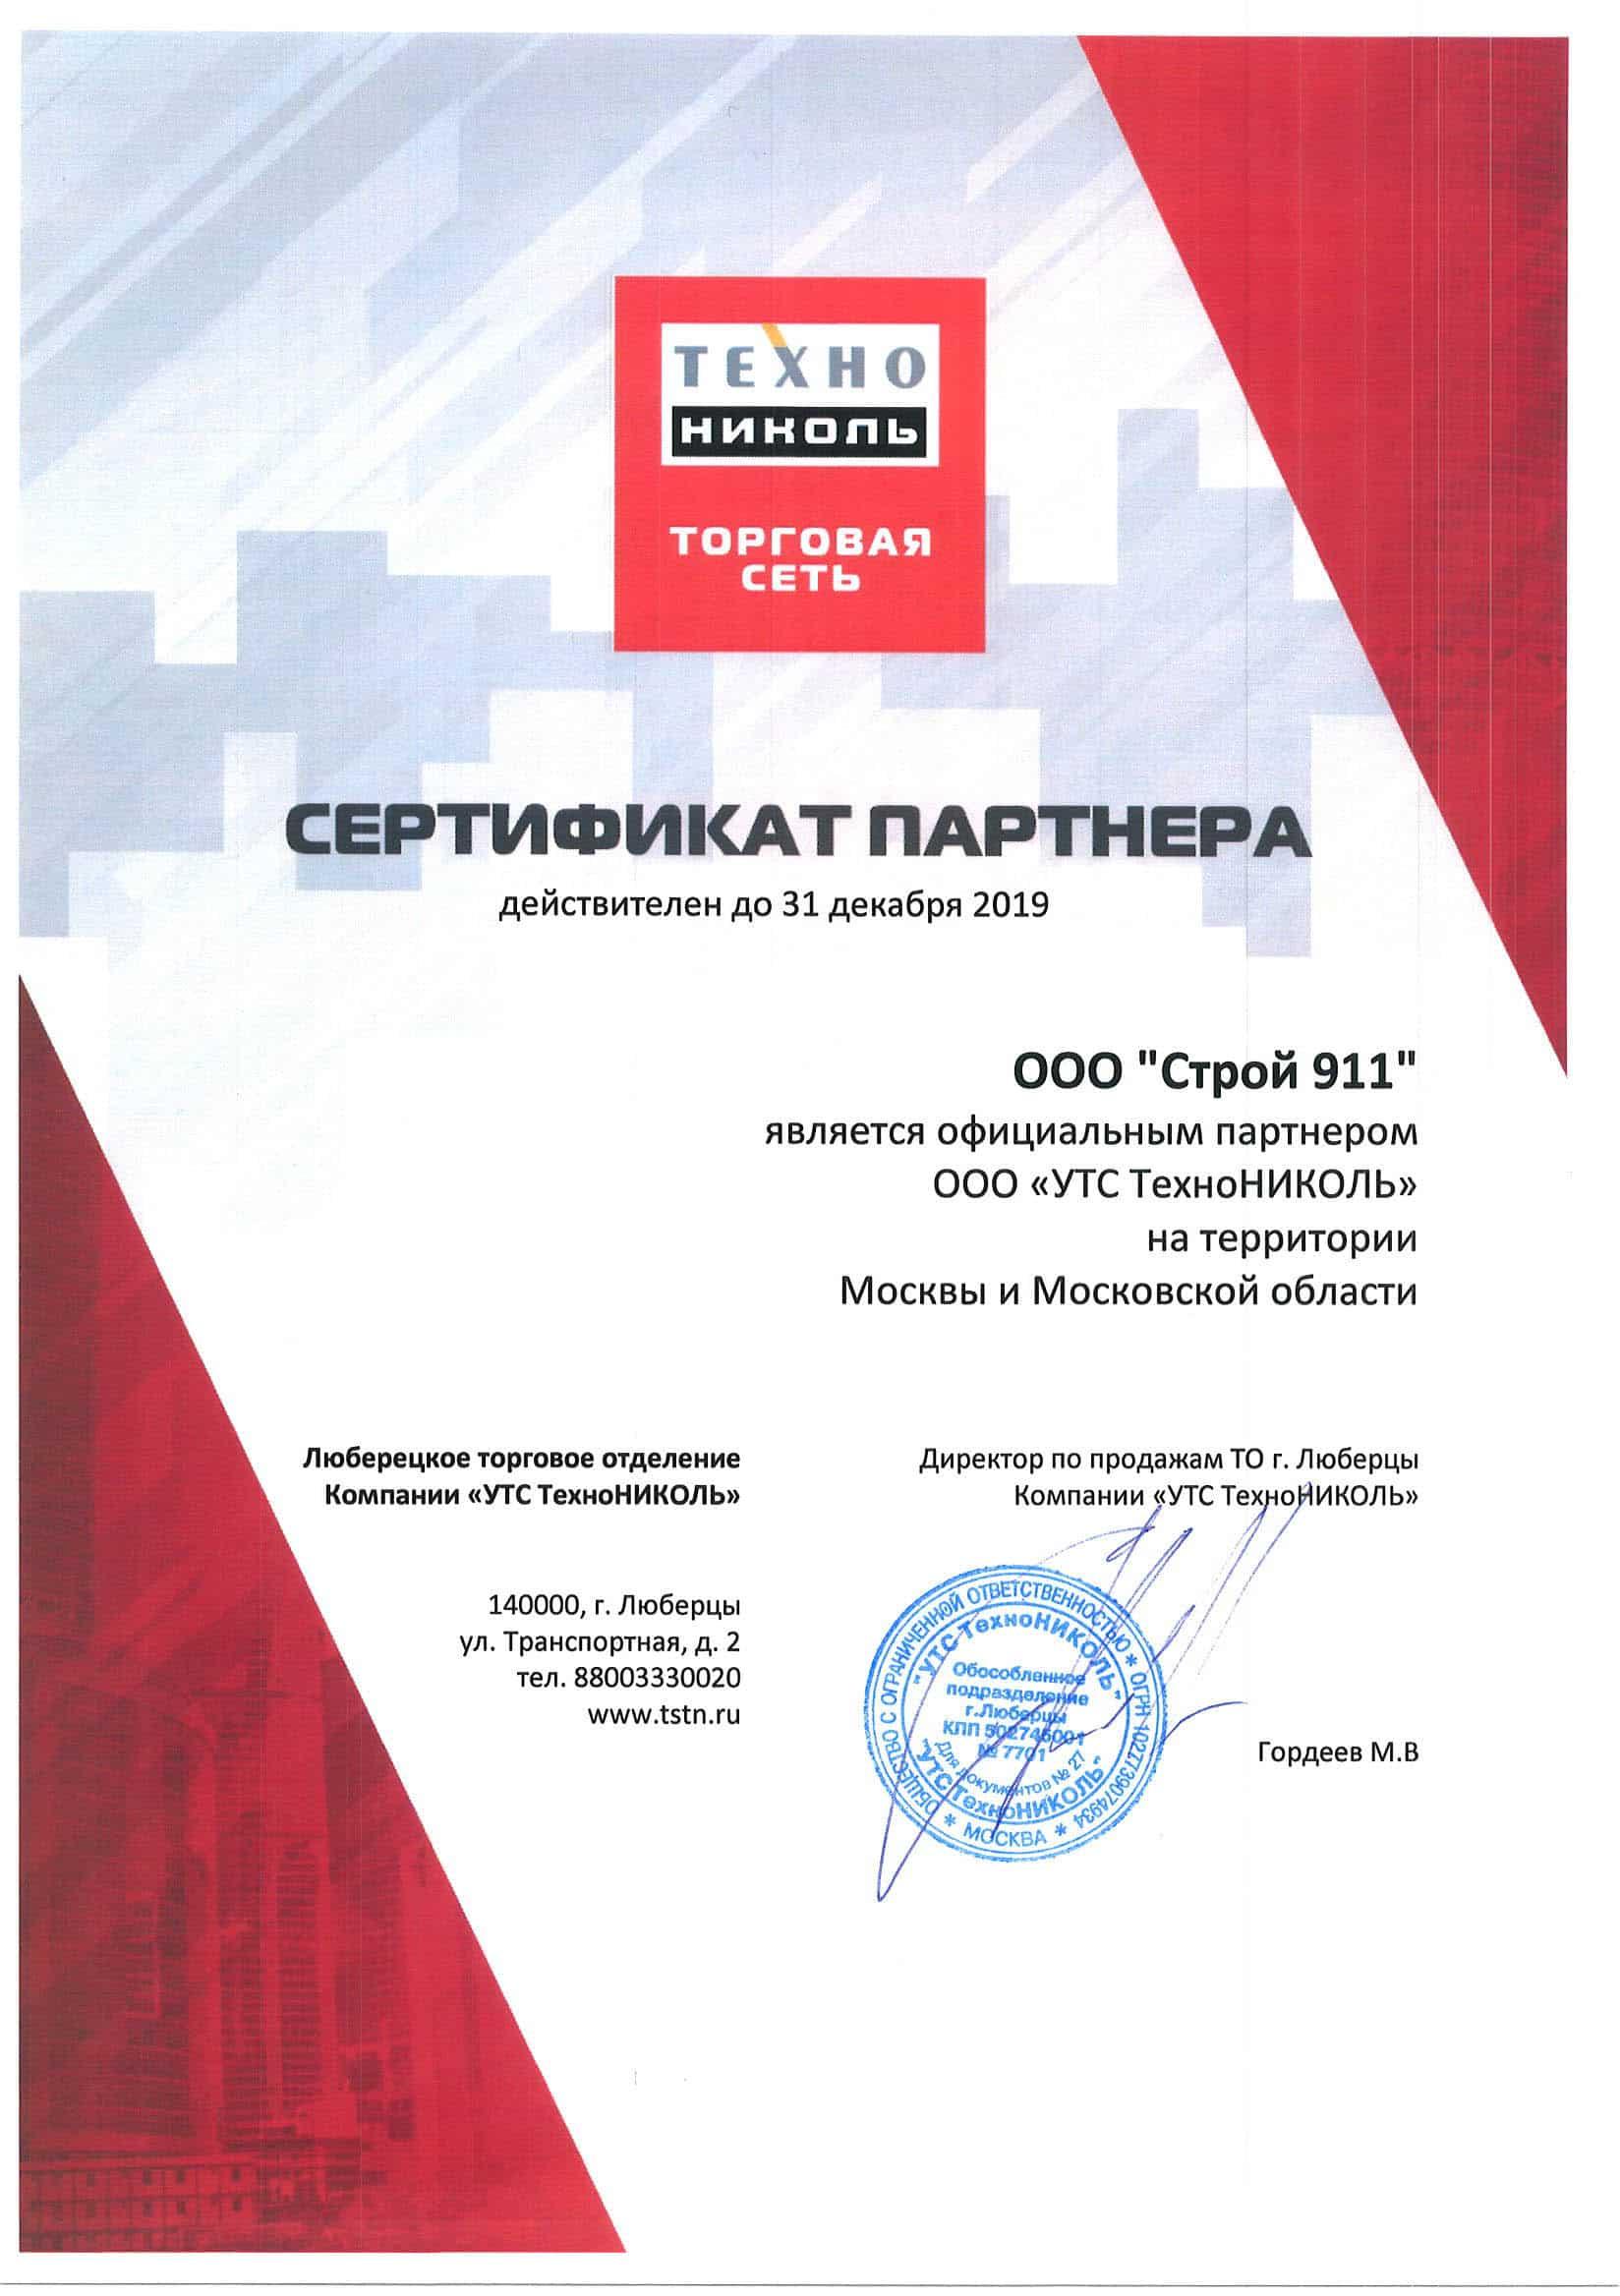 Получение сертификата партнера от ТЕХНОНИКОЛЬ